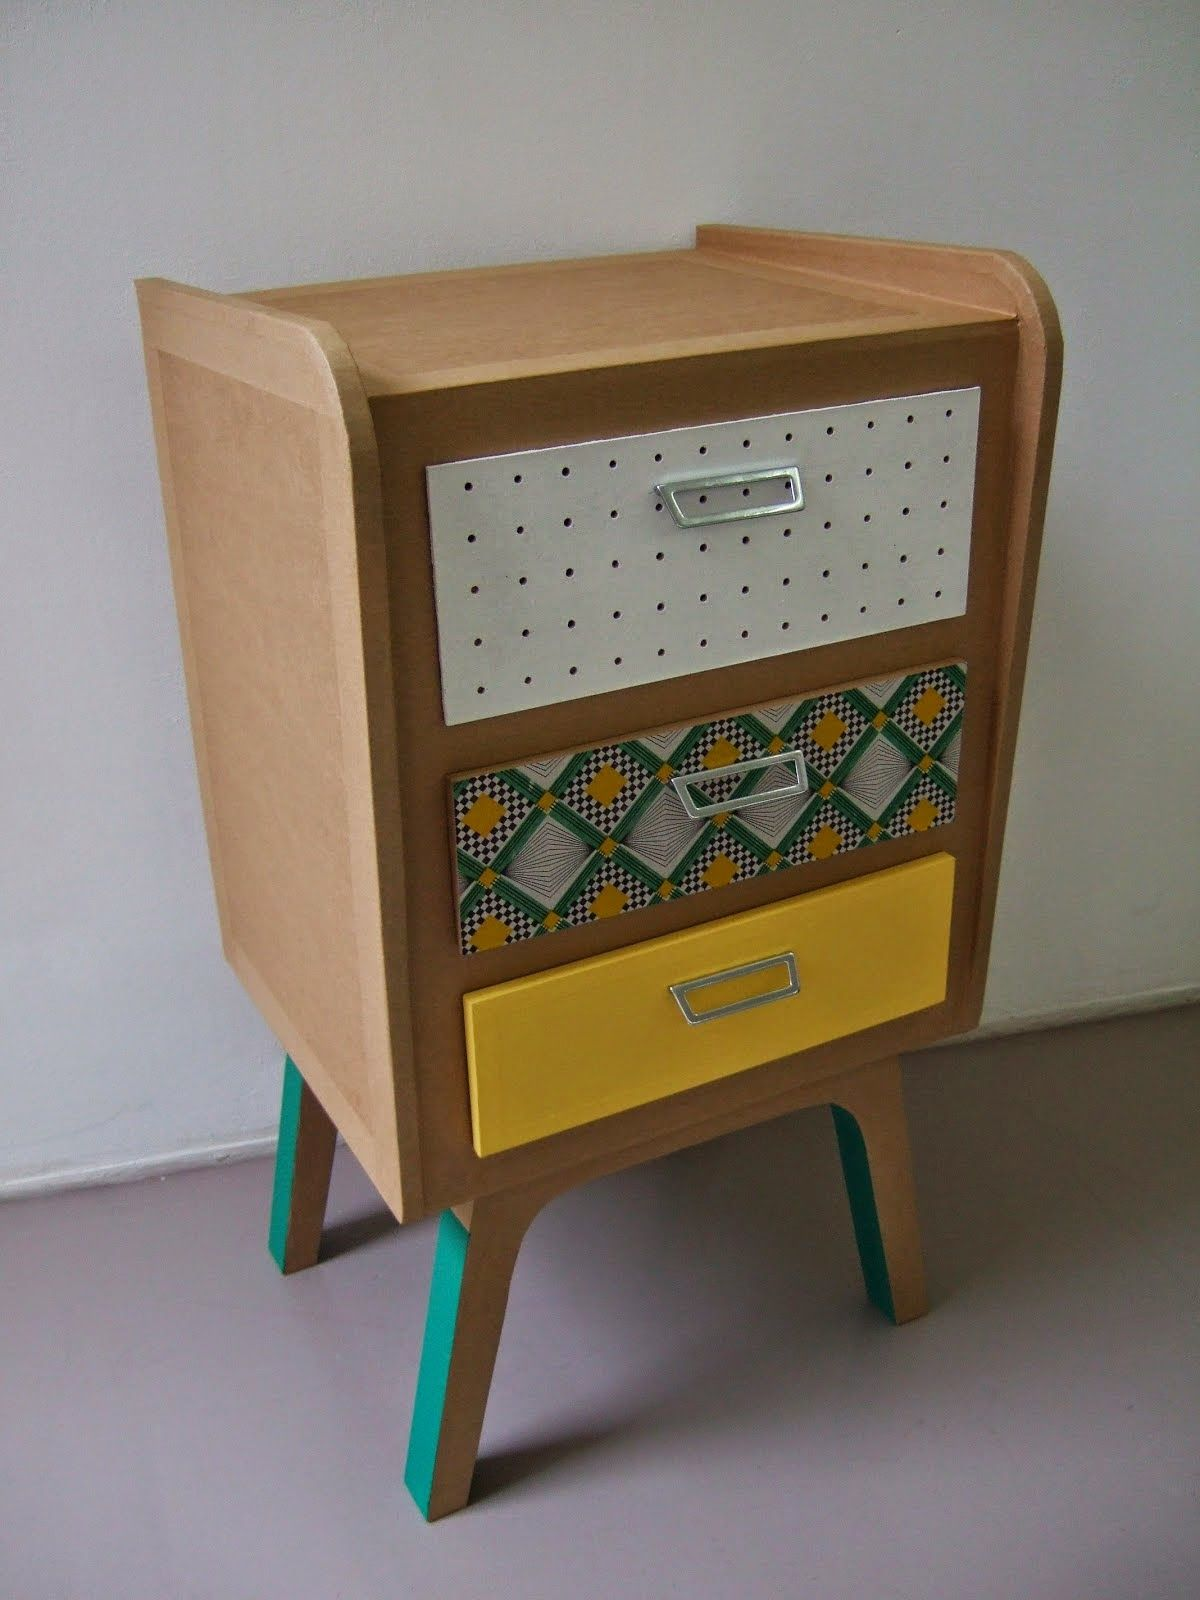 Commode En Carton Mobilier En Carton Rangement Carton Design En Carton